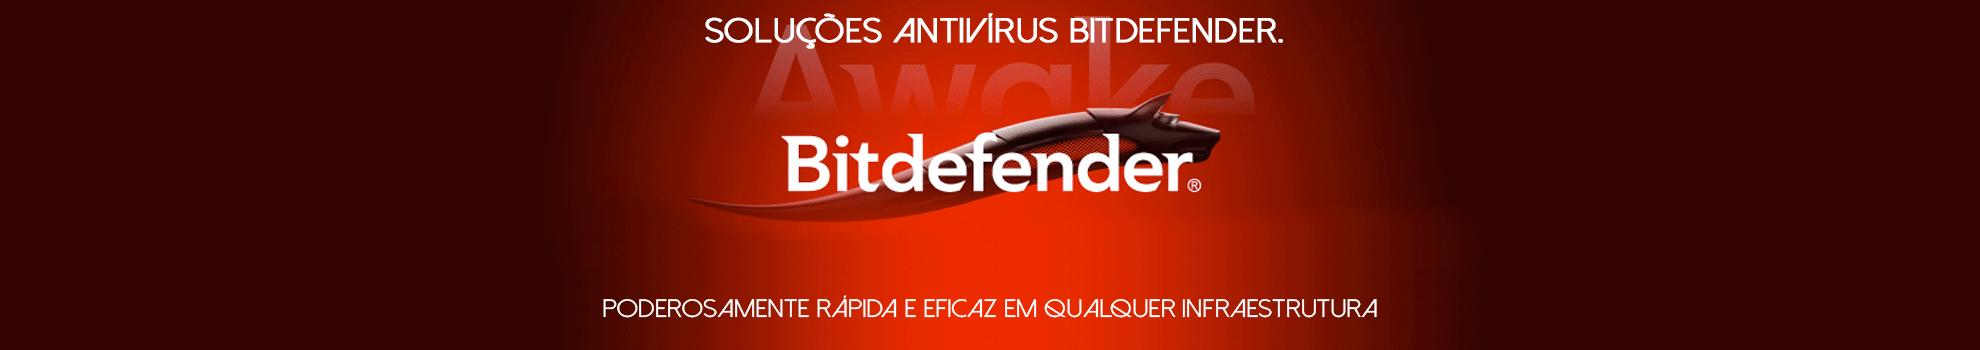 Banner Bit Defender